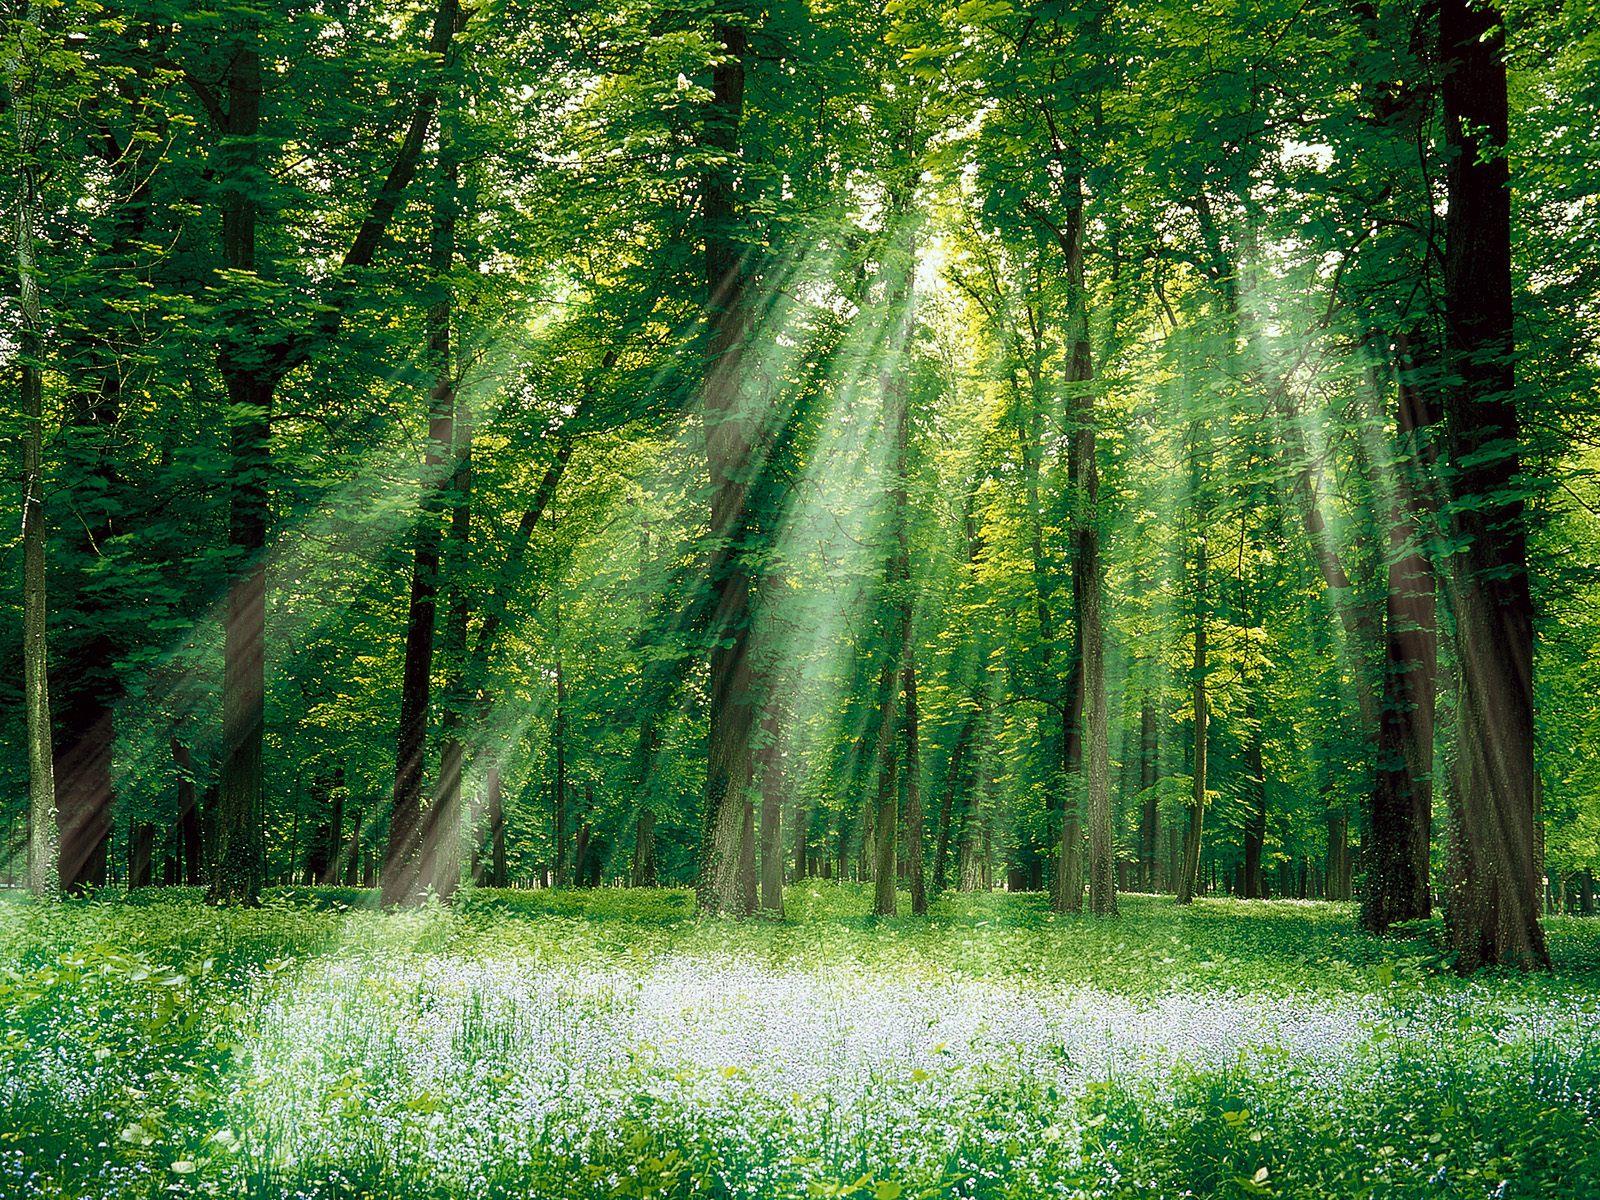 http://4.bp.blogspot.com/-sg4_Ai27WQg/T1dfQm0XdkI/AAAAAAAAB74/8AgDOpZ-qEE/s1600/Forest+%252840%2529.jpg